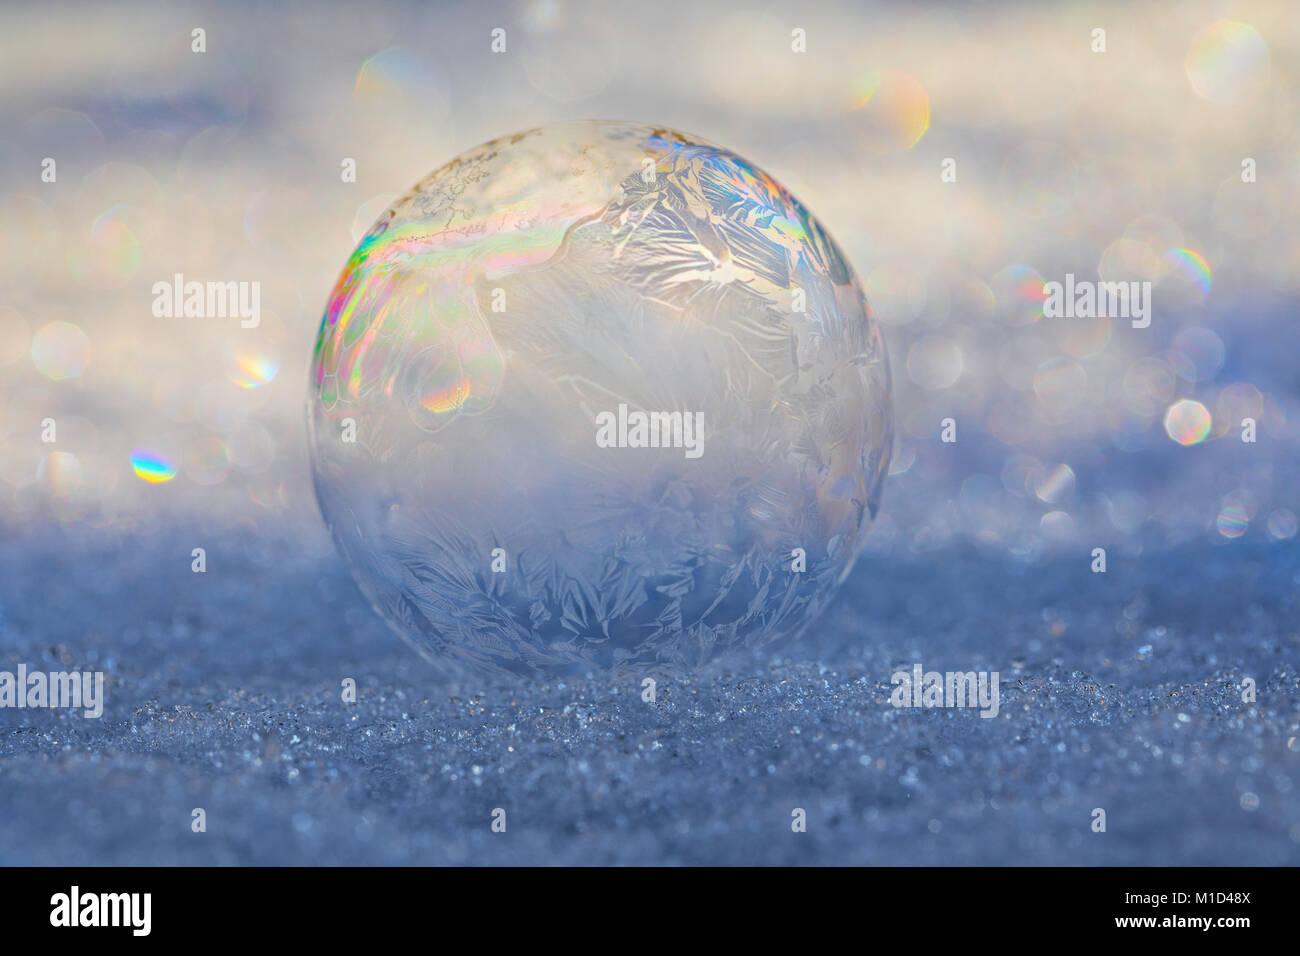 Frozen Bubble auf Schnee mit Eis die Bildung von Kristallen auf die Blase und brechende Licht erzeugen Prisma Muster Stockfoto